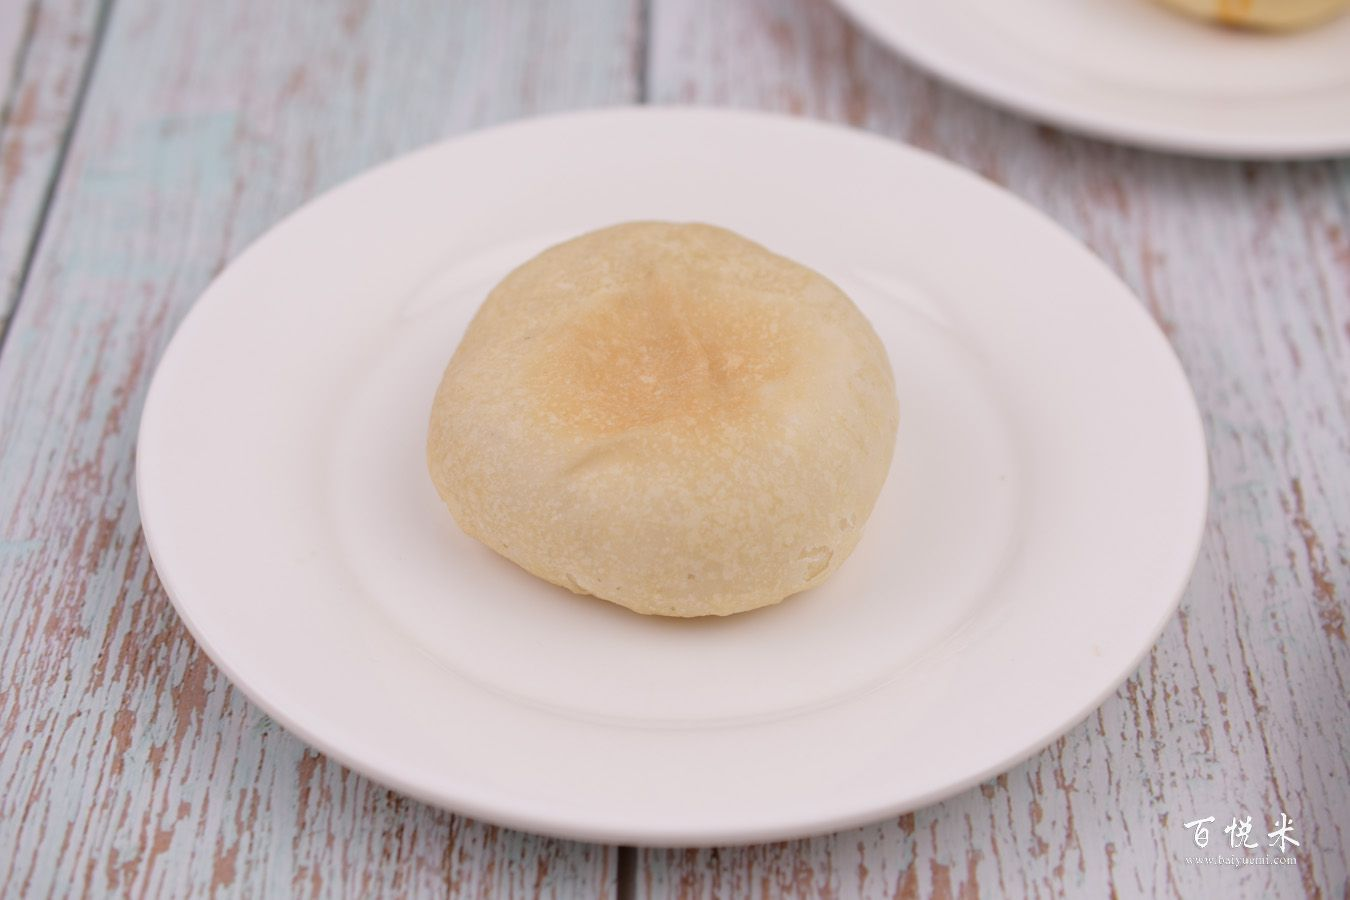 酥皮绿豆饼的做法大全,酥皮绿豆饼西点培训图文教程分享